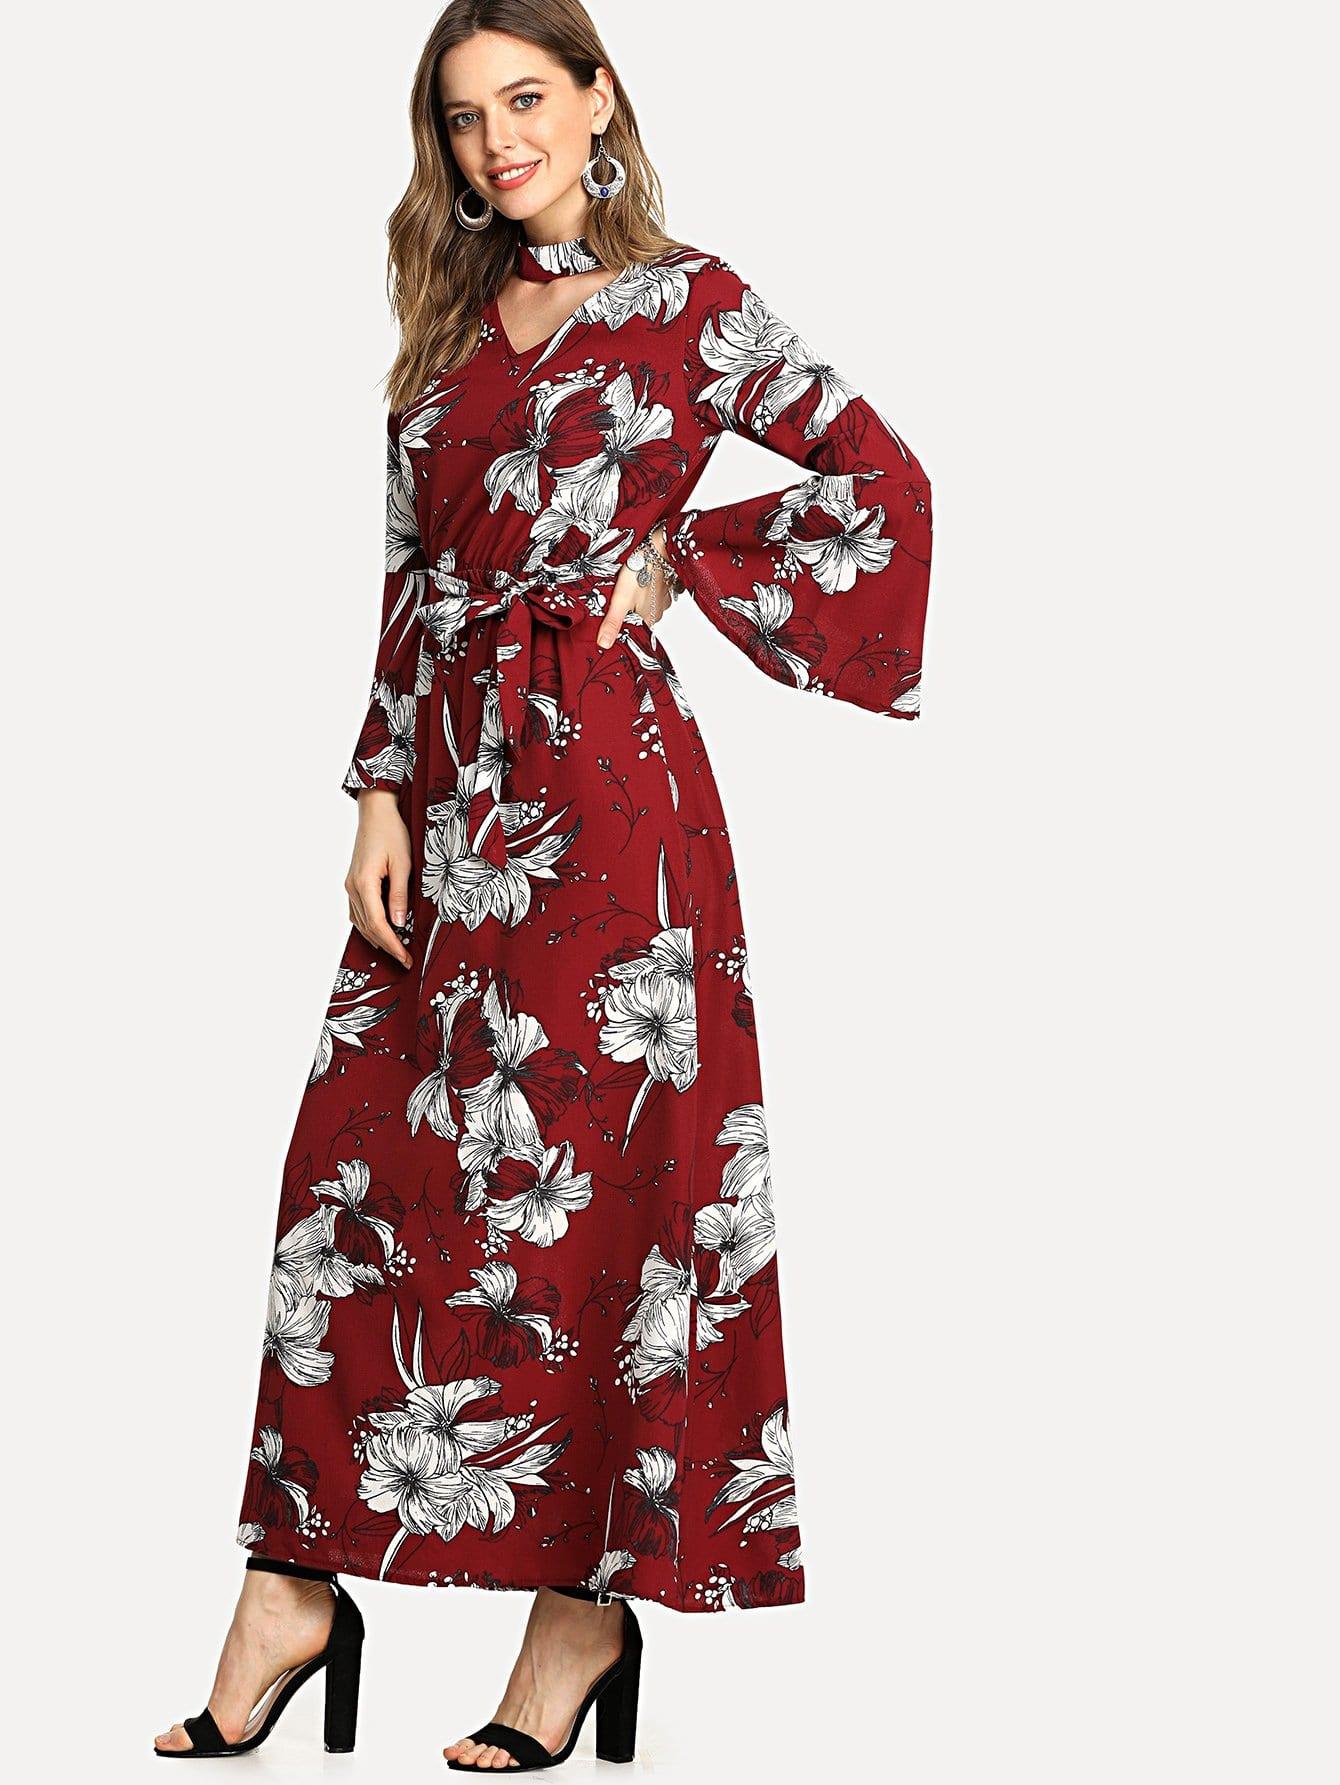 Cut Out Neck Florals Self Tie Dress